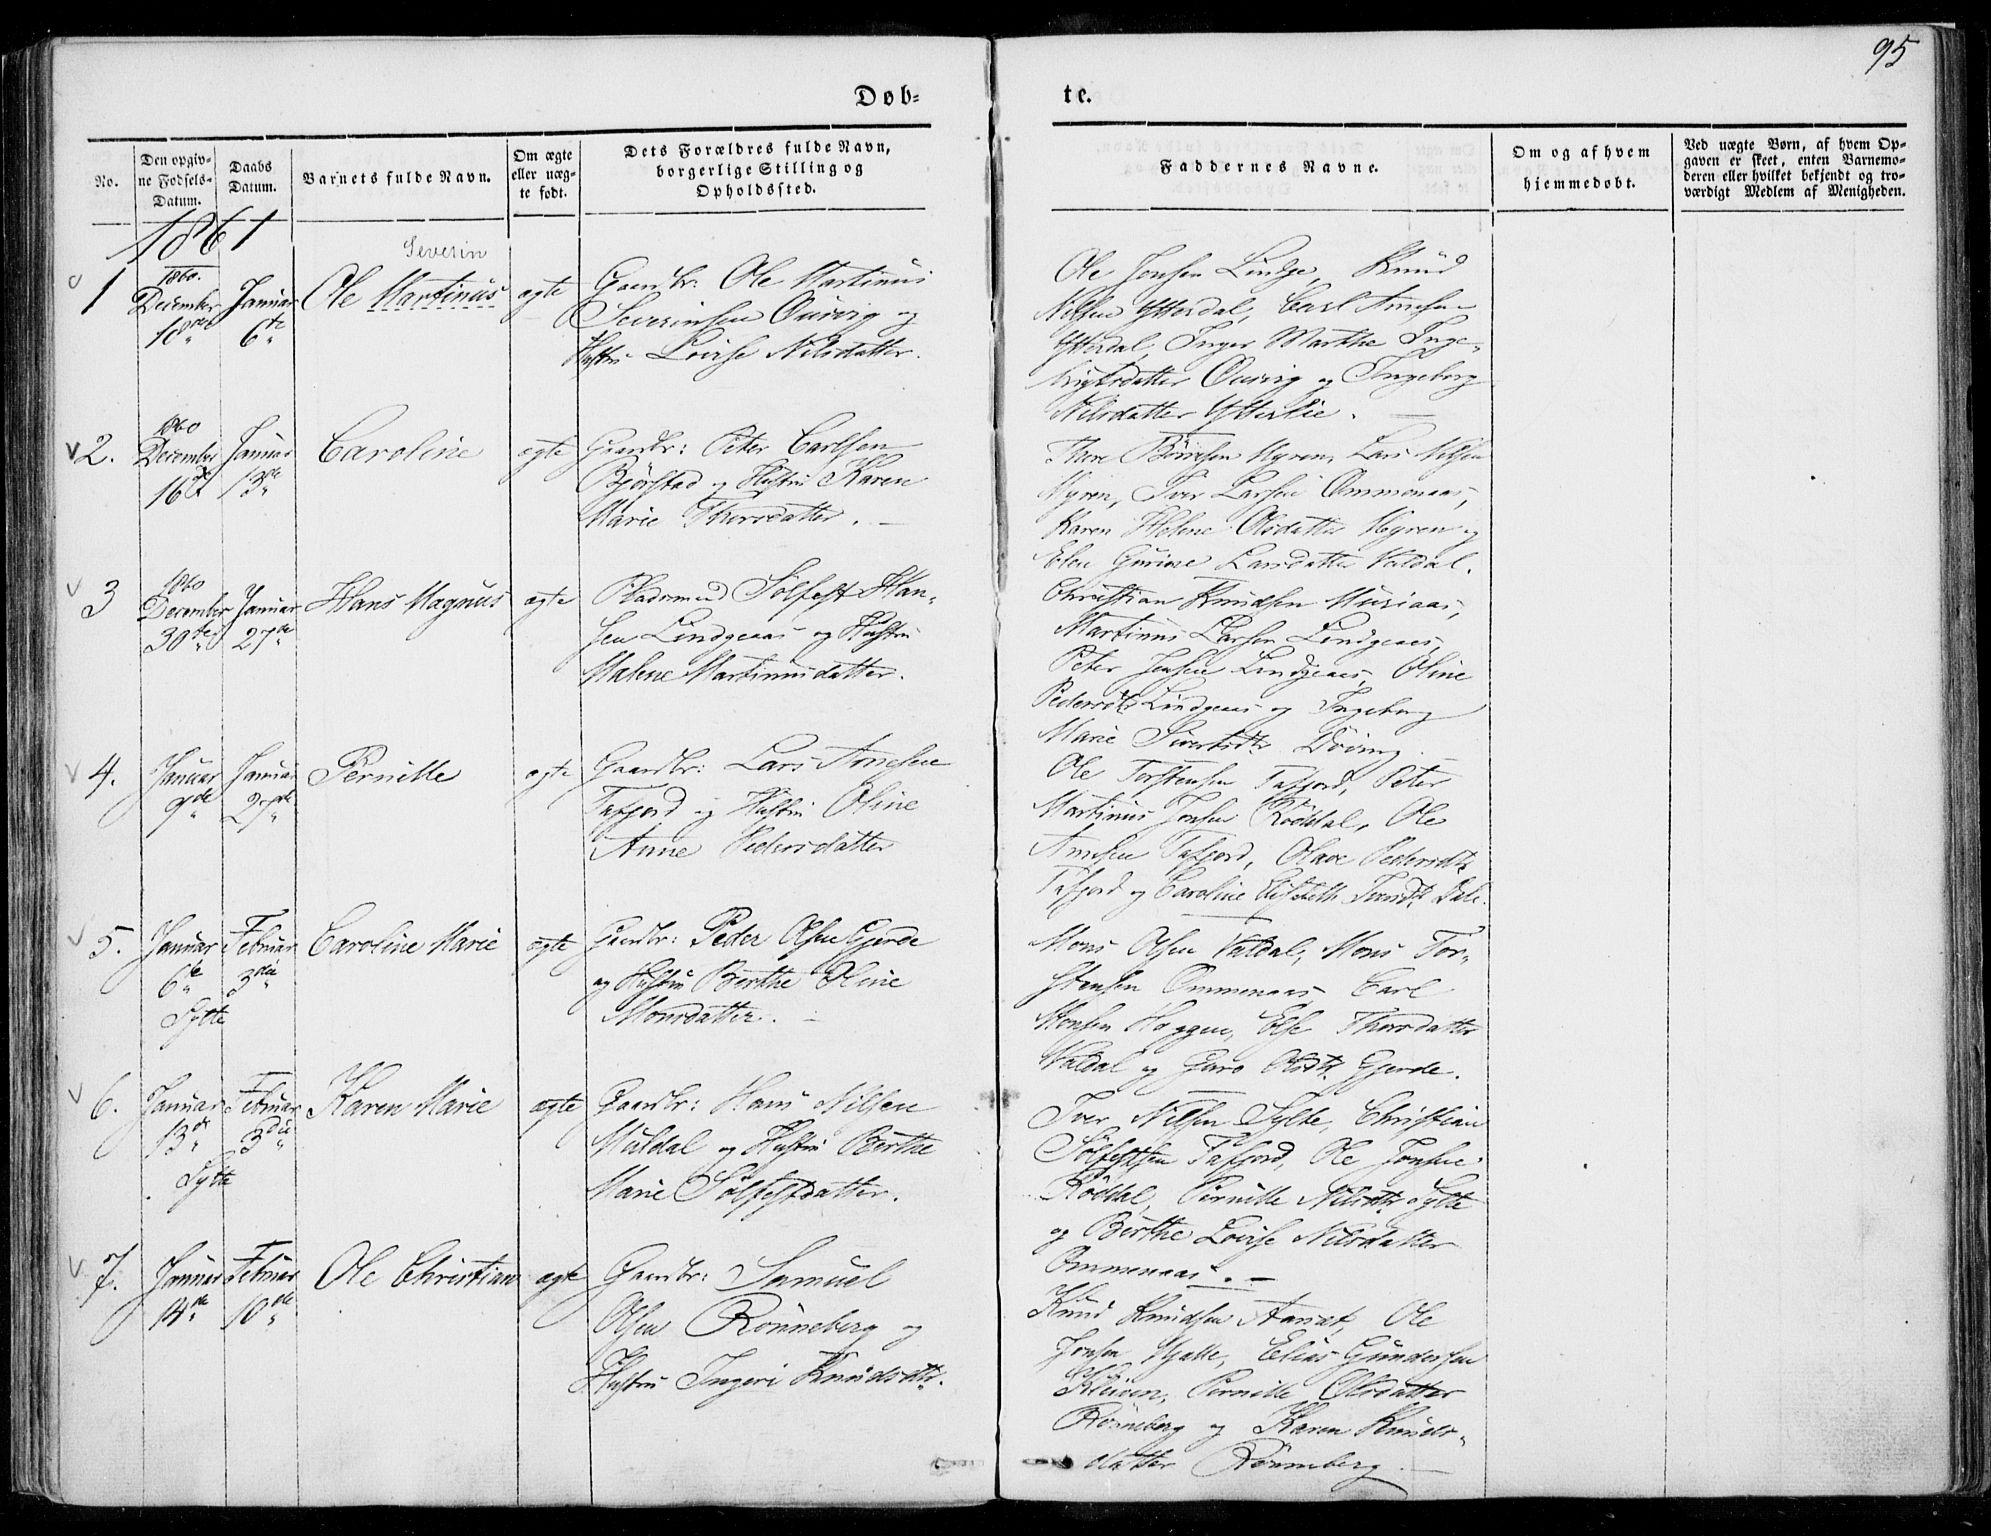 SAT, Ministerialprotokoller, klokkerbøker og fødselsregistre - Møre og Romsdal, 519/L0249: Ministerialbok nr. 519A08, 1846-1868, s. 95